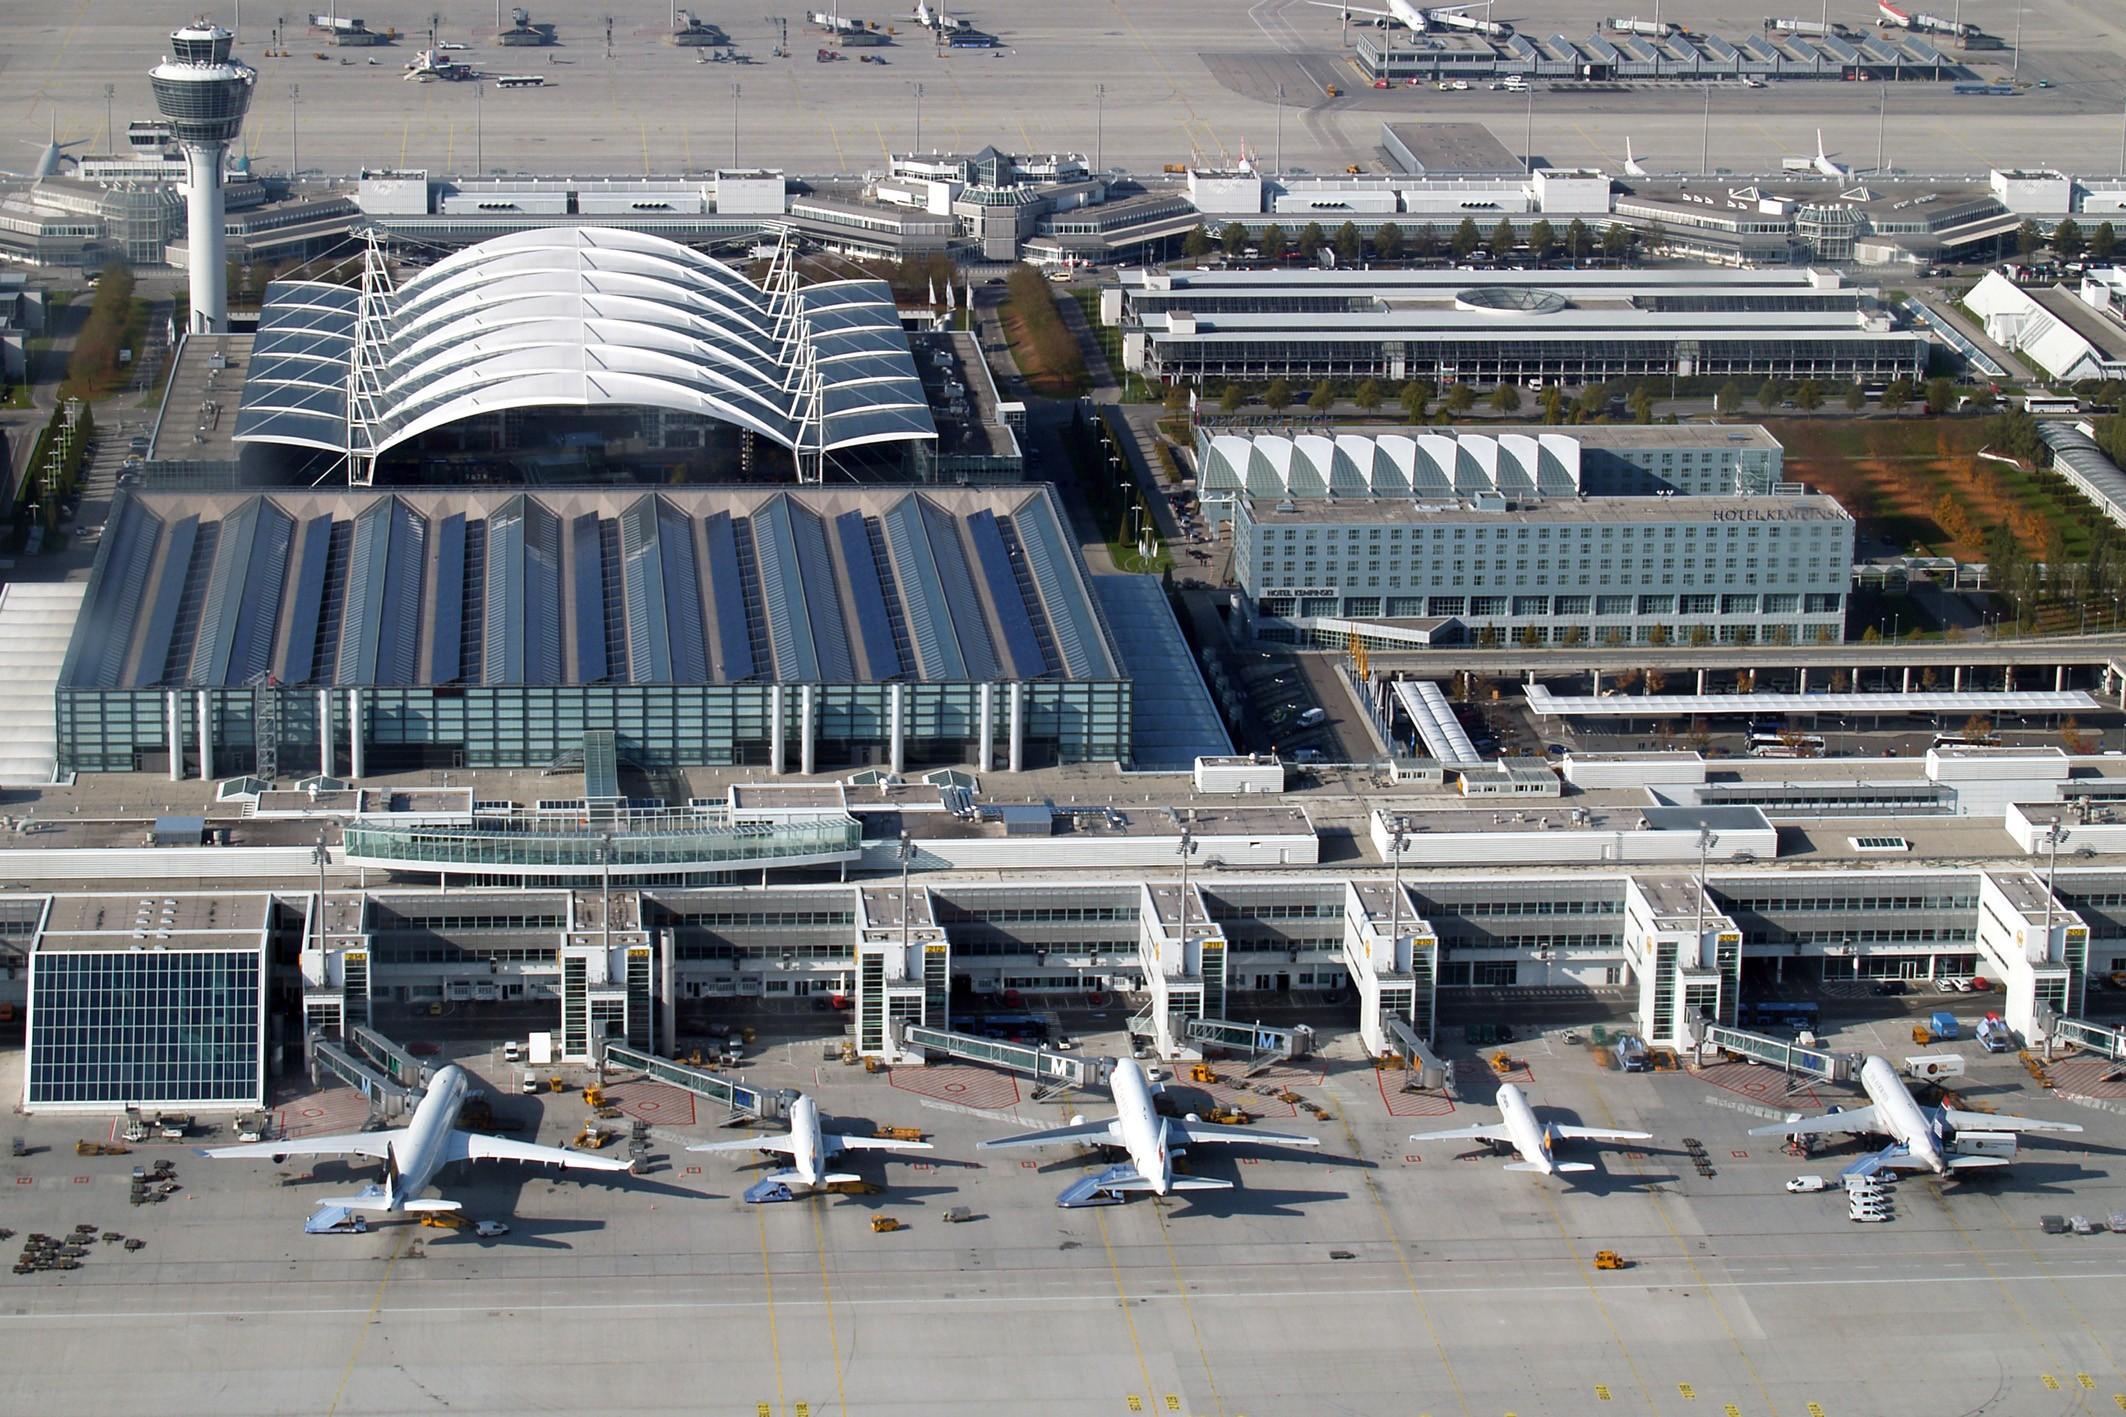 Municn Airport